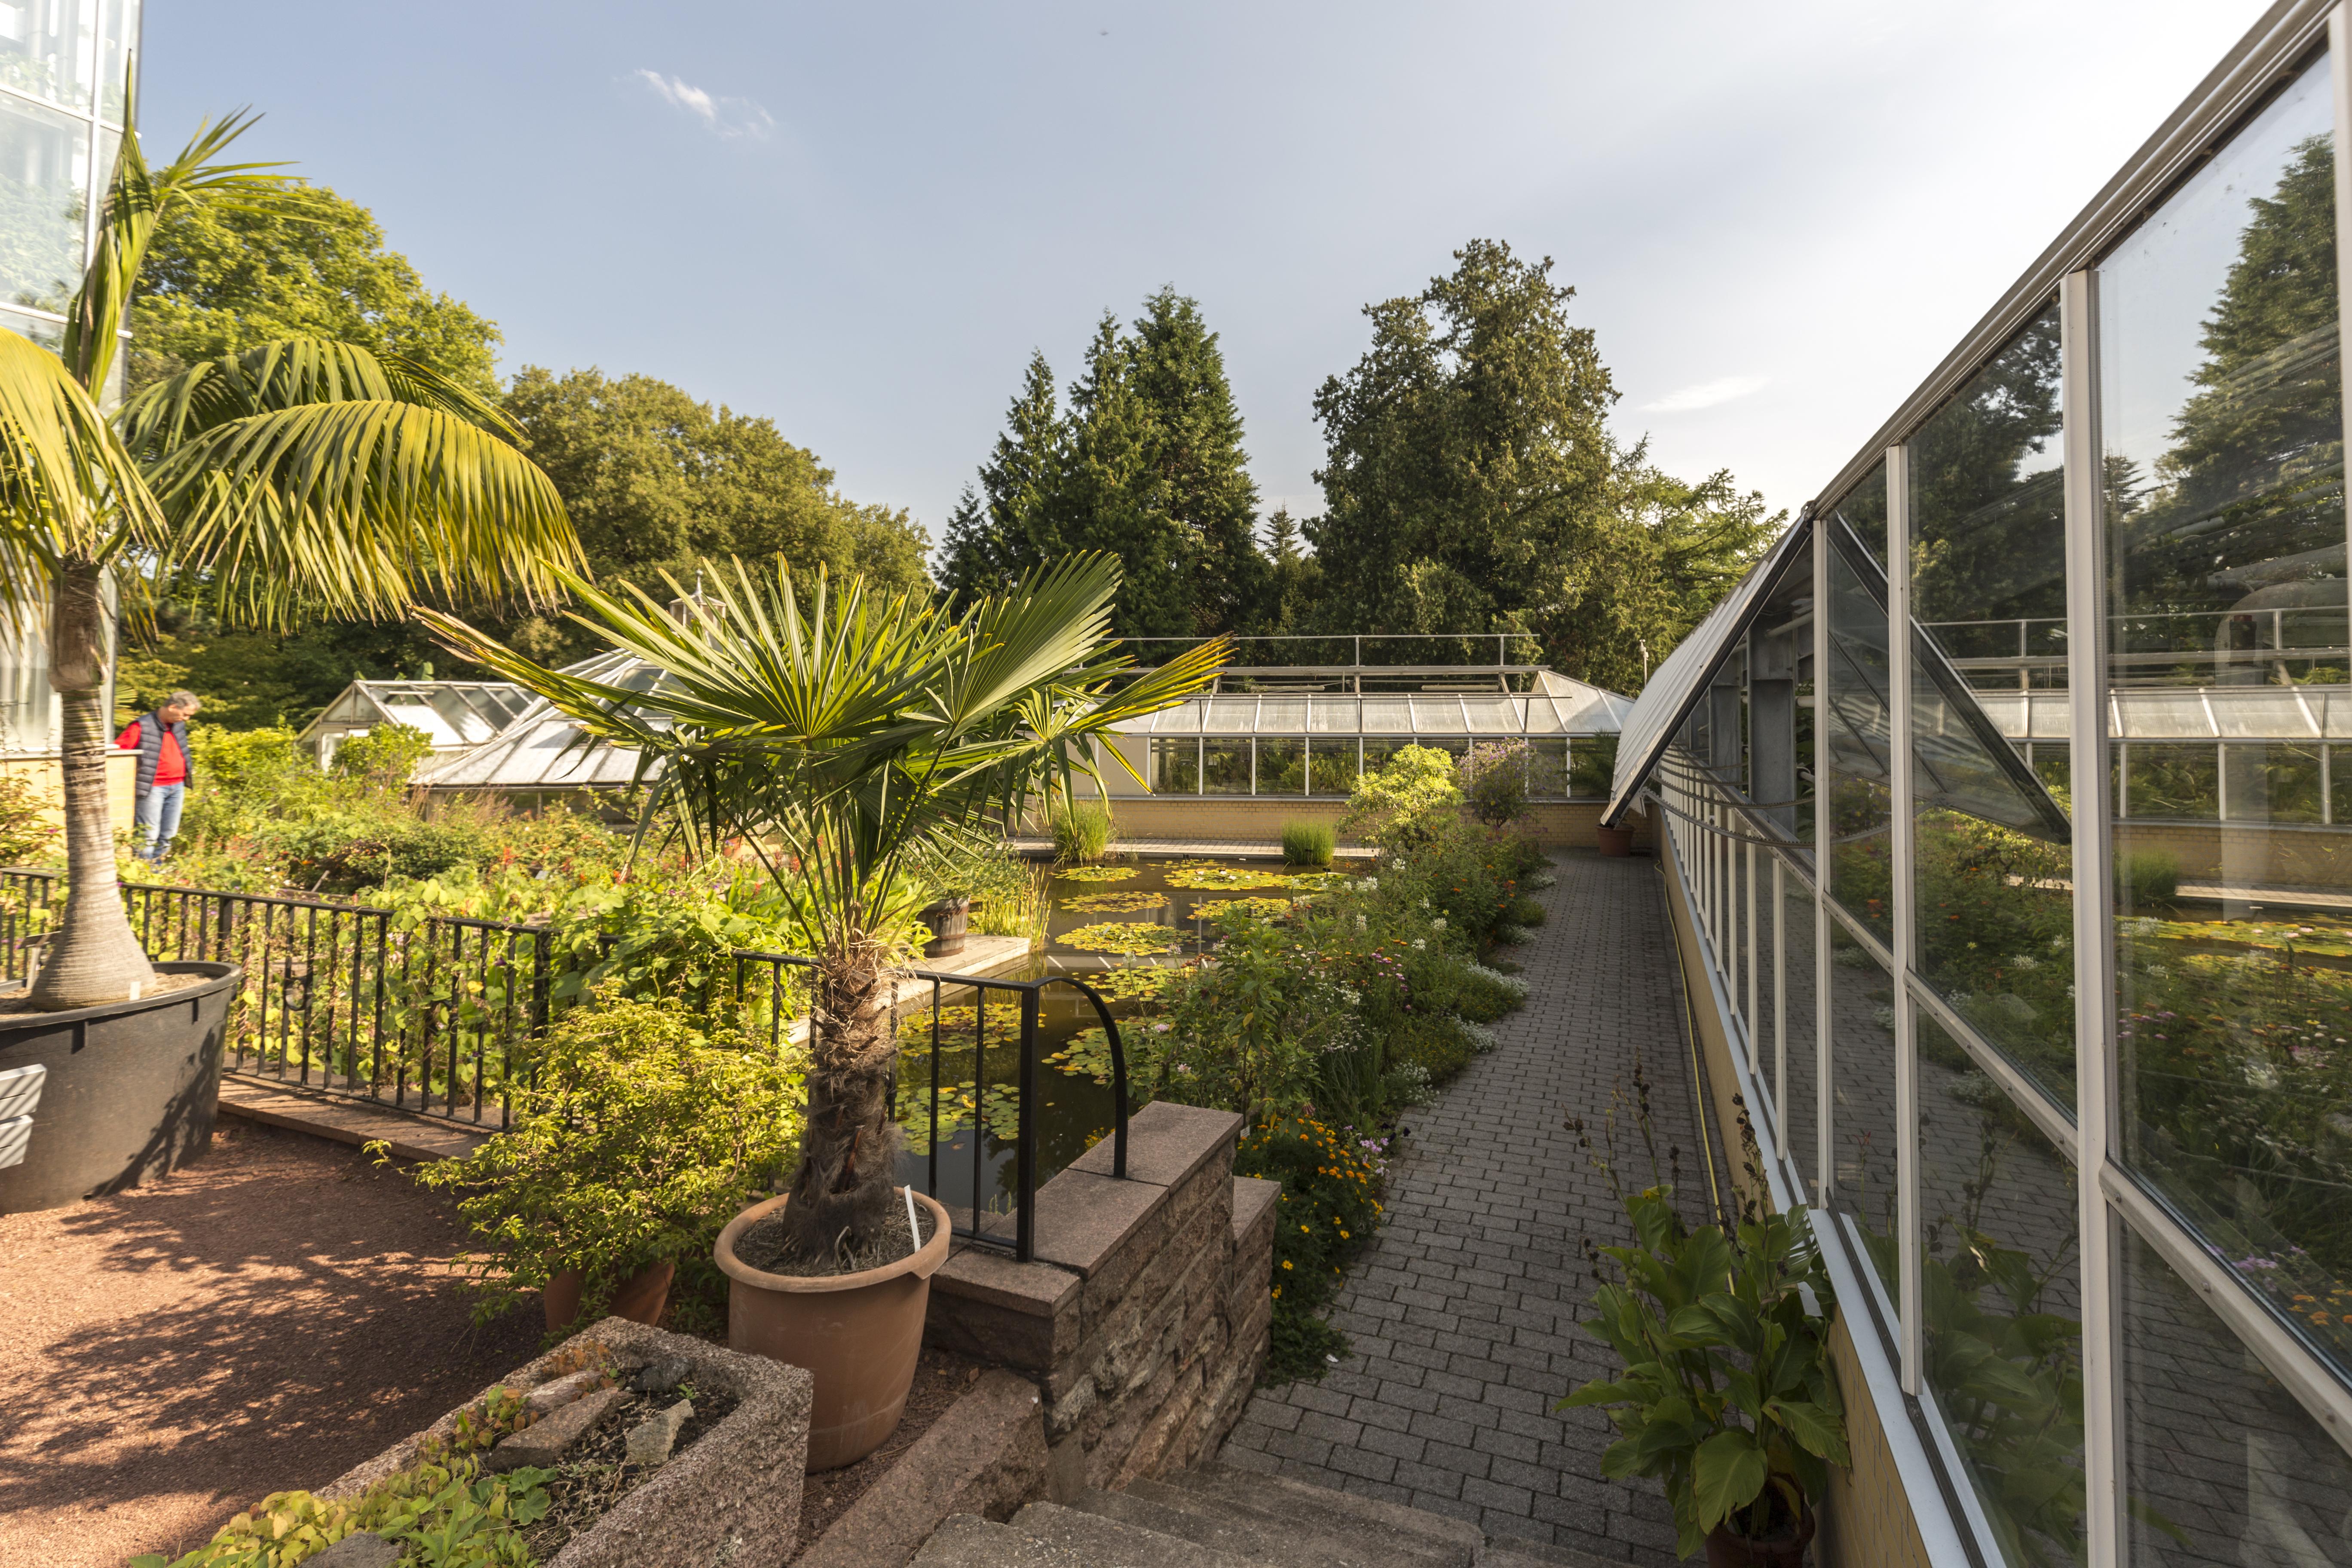 File:Botanischer Garten in Halle Saale - Am Teich tropische ...